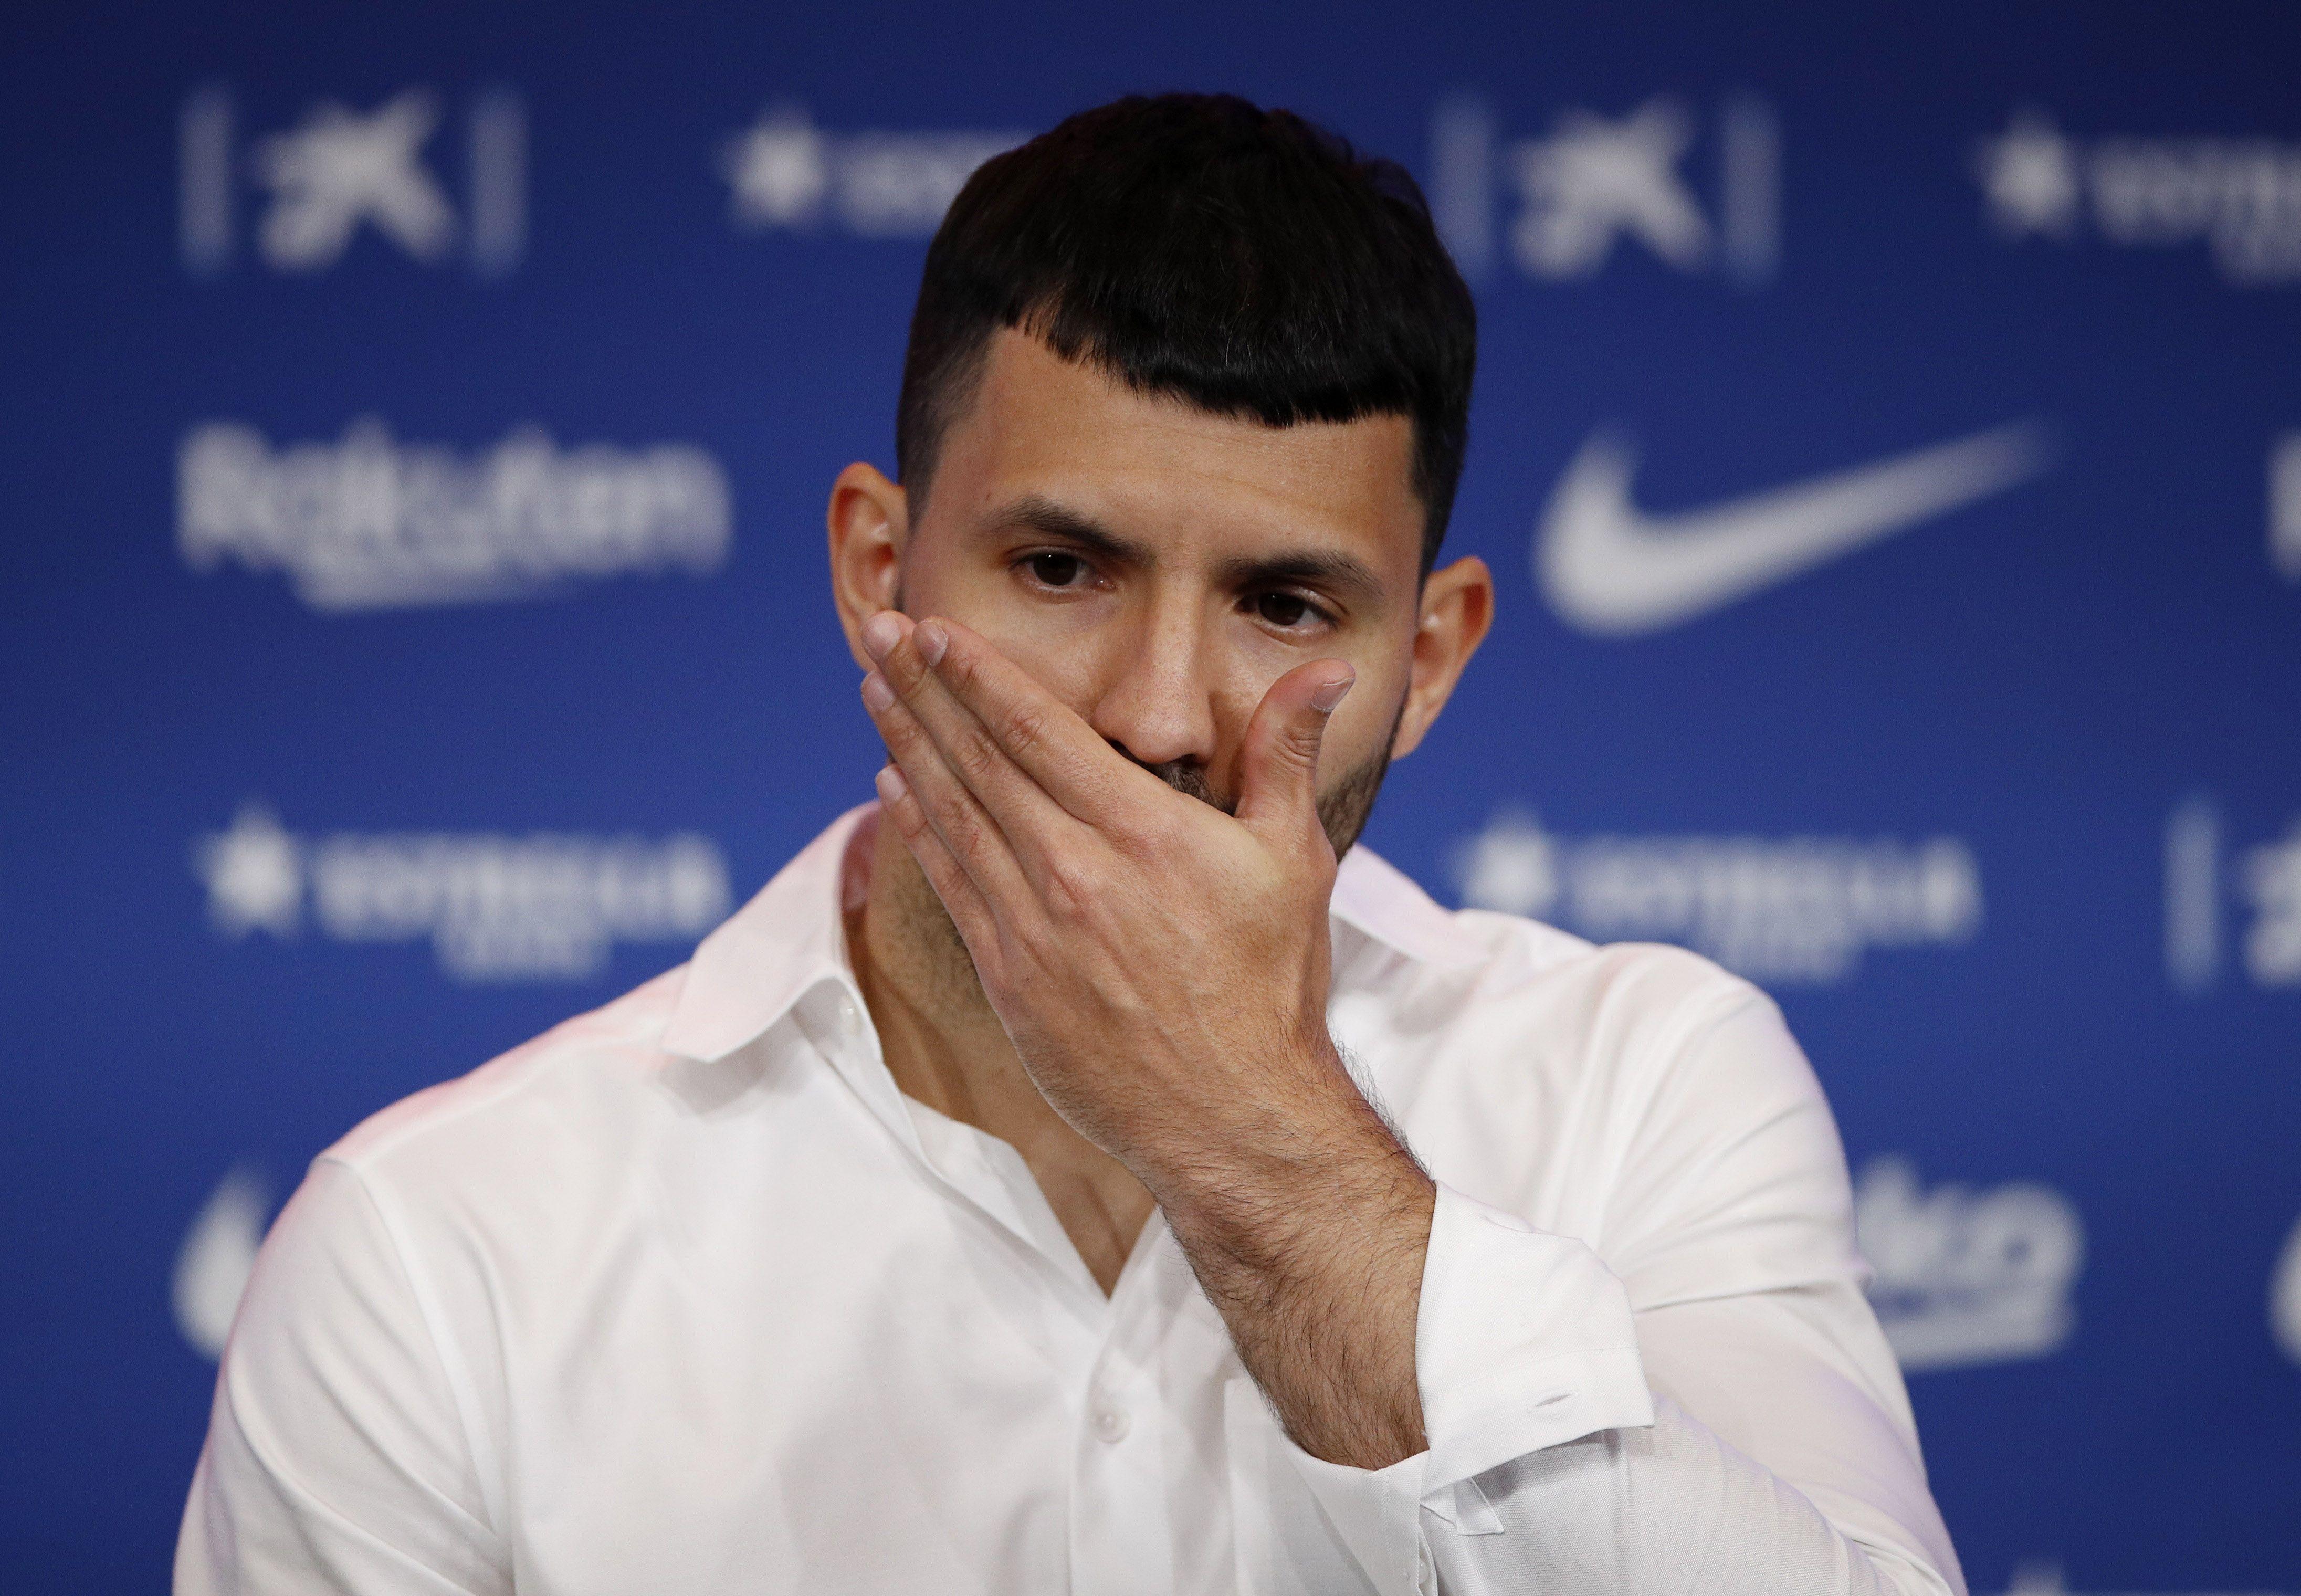 El Kun Agüero viajó a Barcelona antes de sumarse a la Selección. Foto: REUTERS/Albert Gea